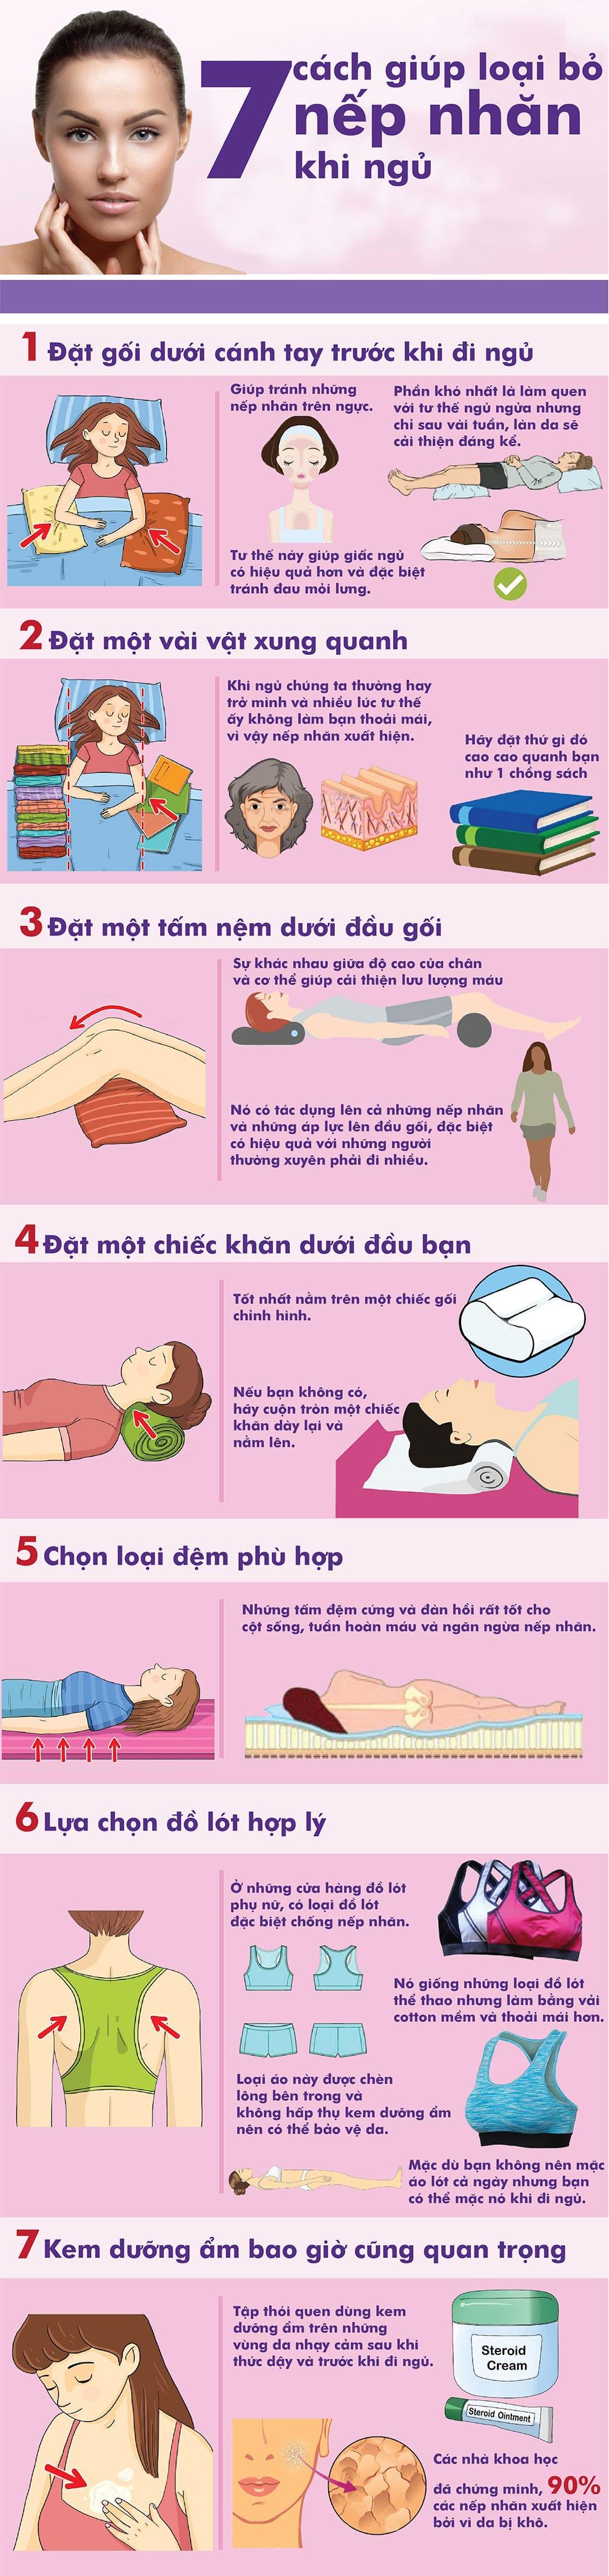 7 cách giúp loại bỏ nếp nhăn khi ngủ - 1